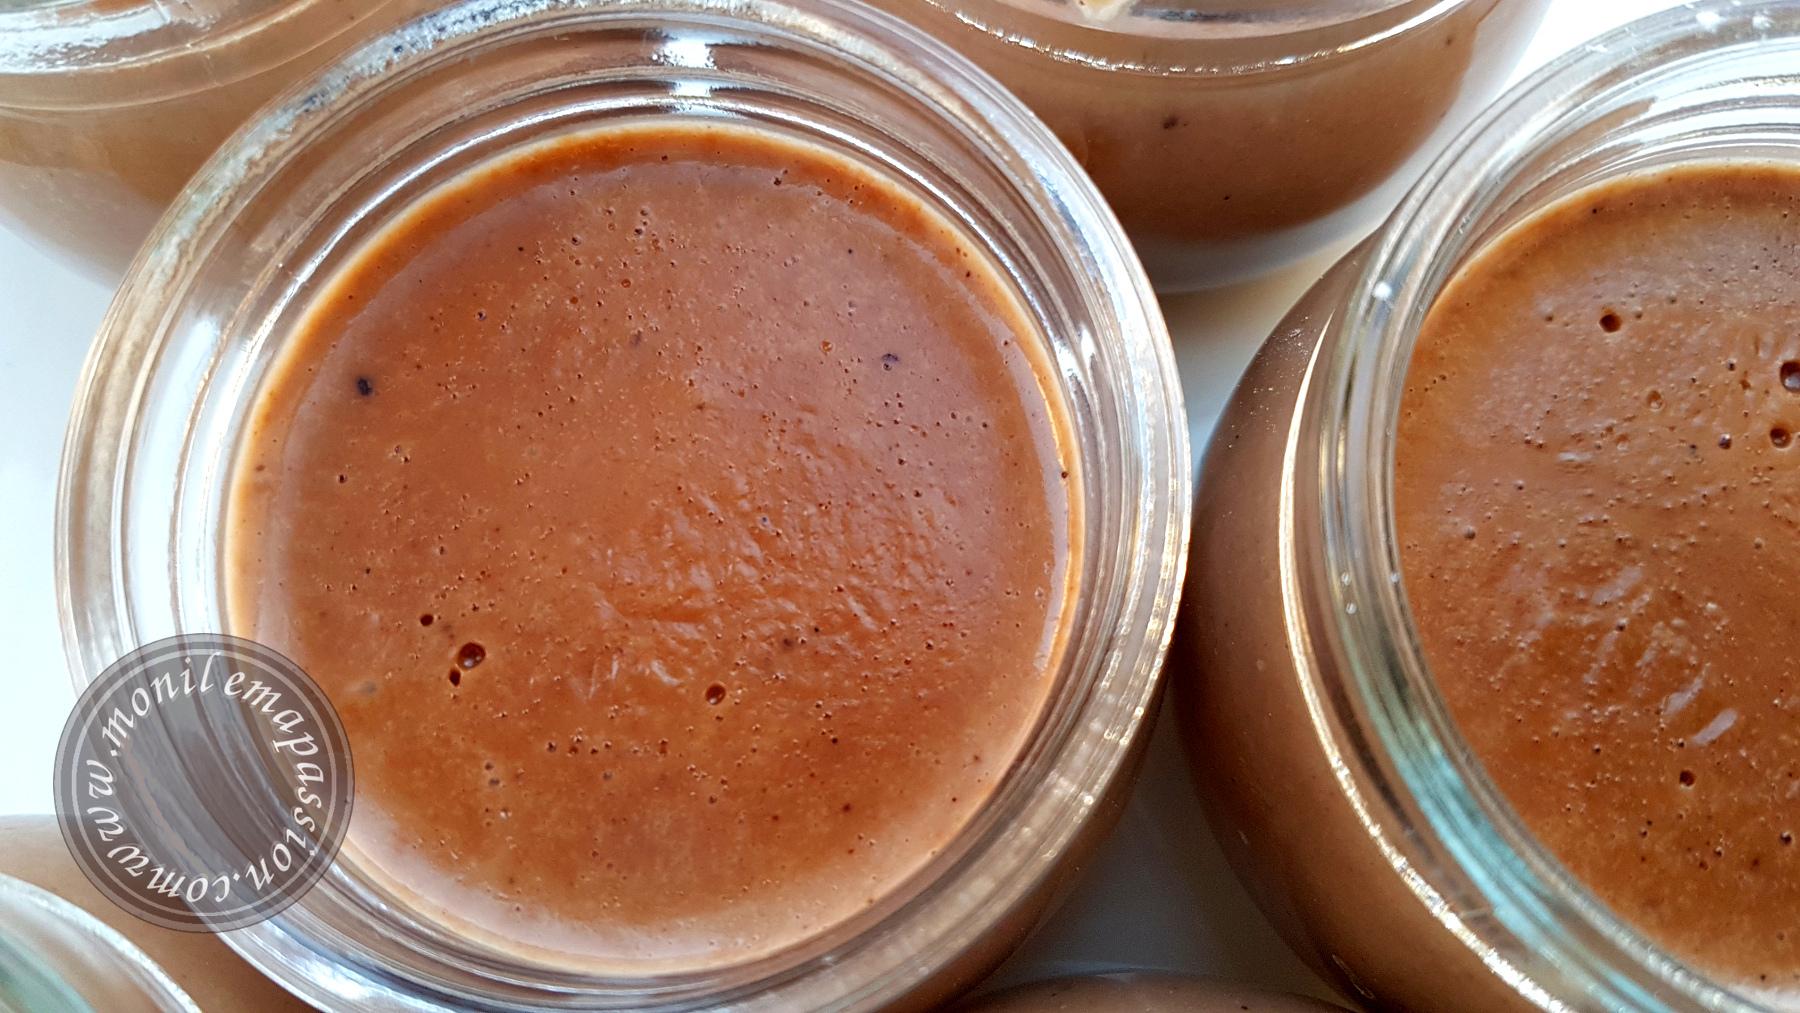 Crèmes/Flans Au Chocolat – Chocolate Puddings